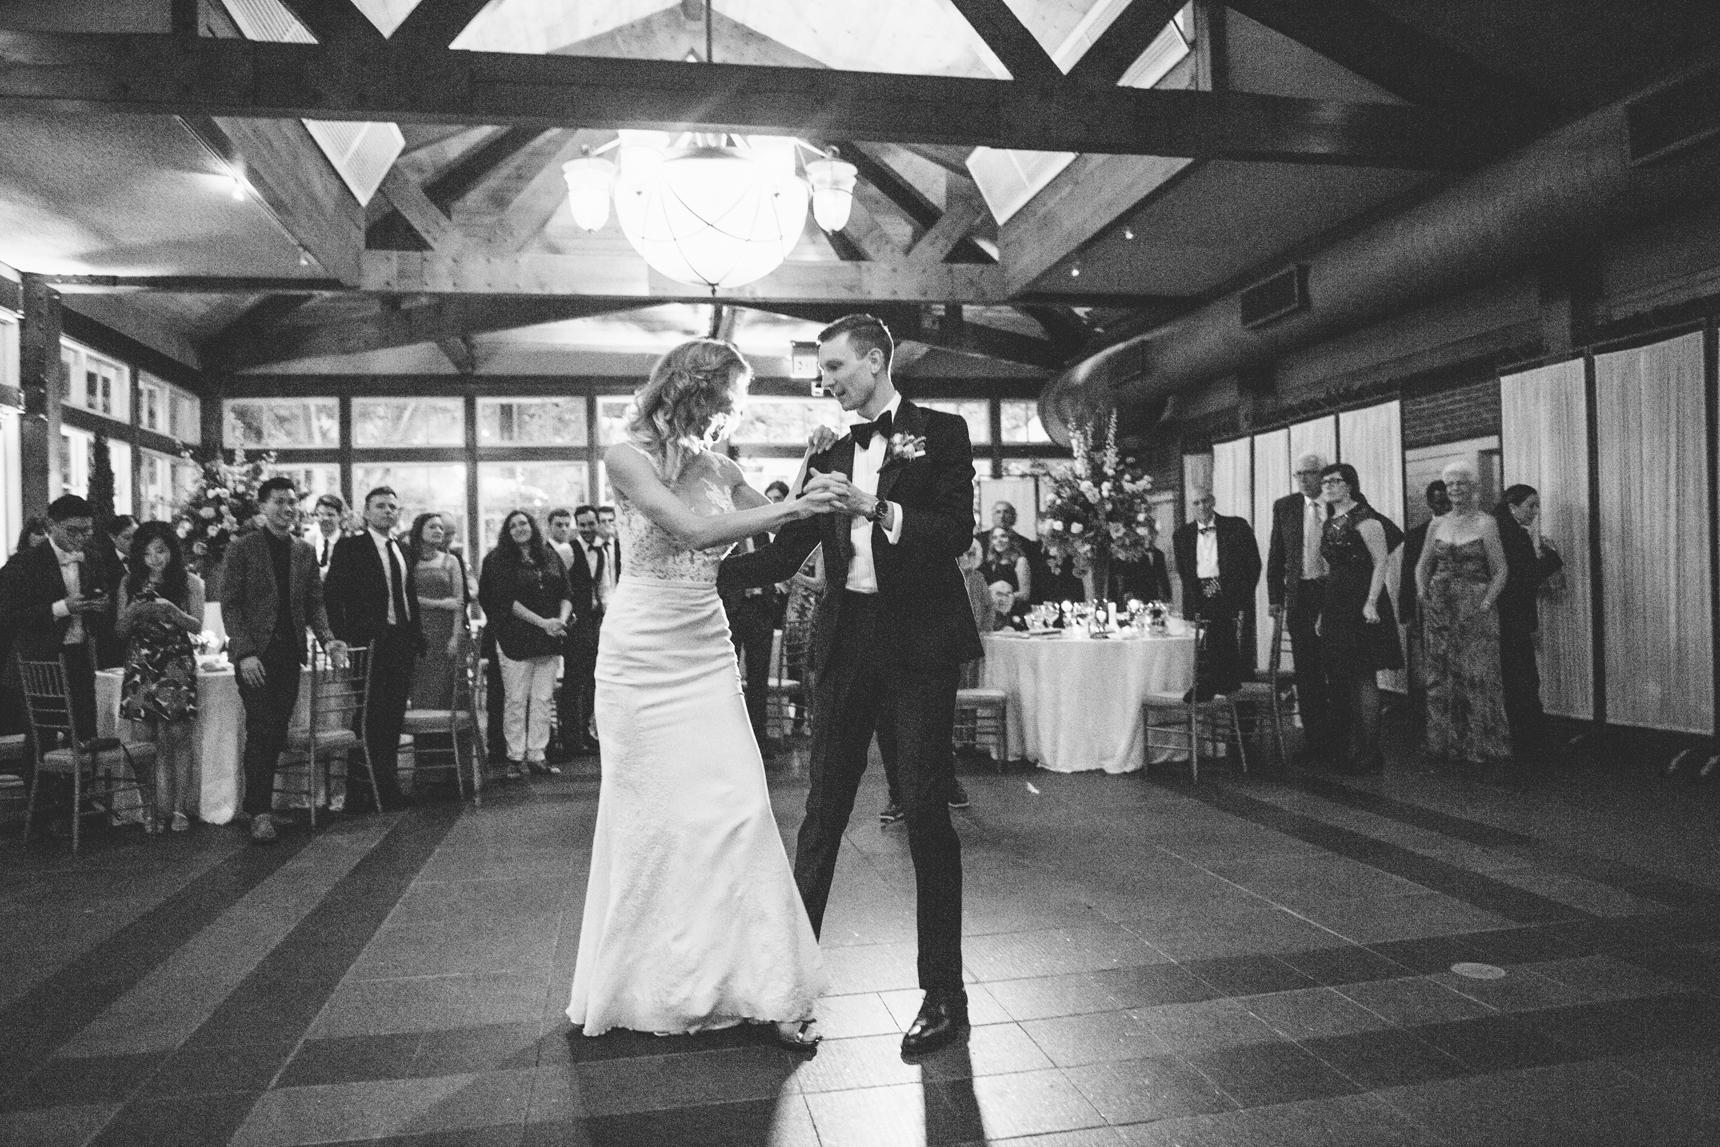 Jory_LoebBoathouse_CentralPark_NewYork_WeddingPhotographer117.jpg